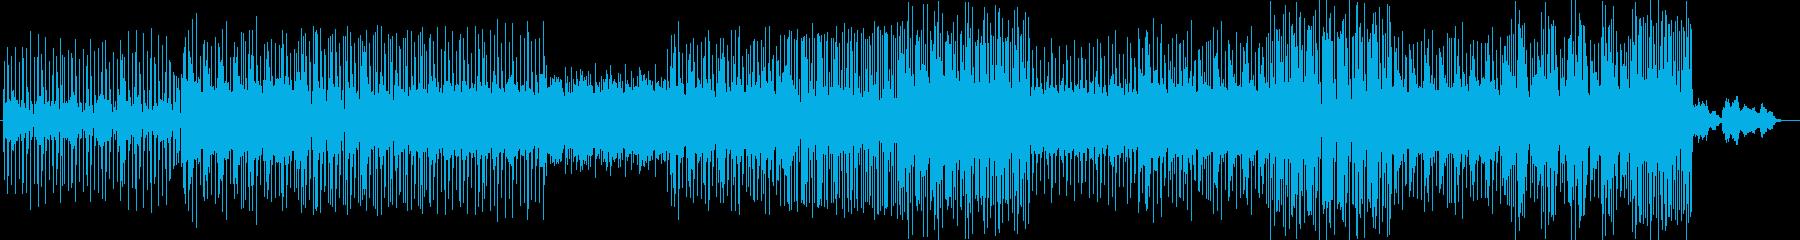 現代的キャッチーなシンセドラムなどEDMの再生済みの波形